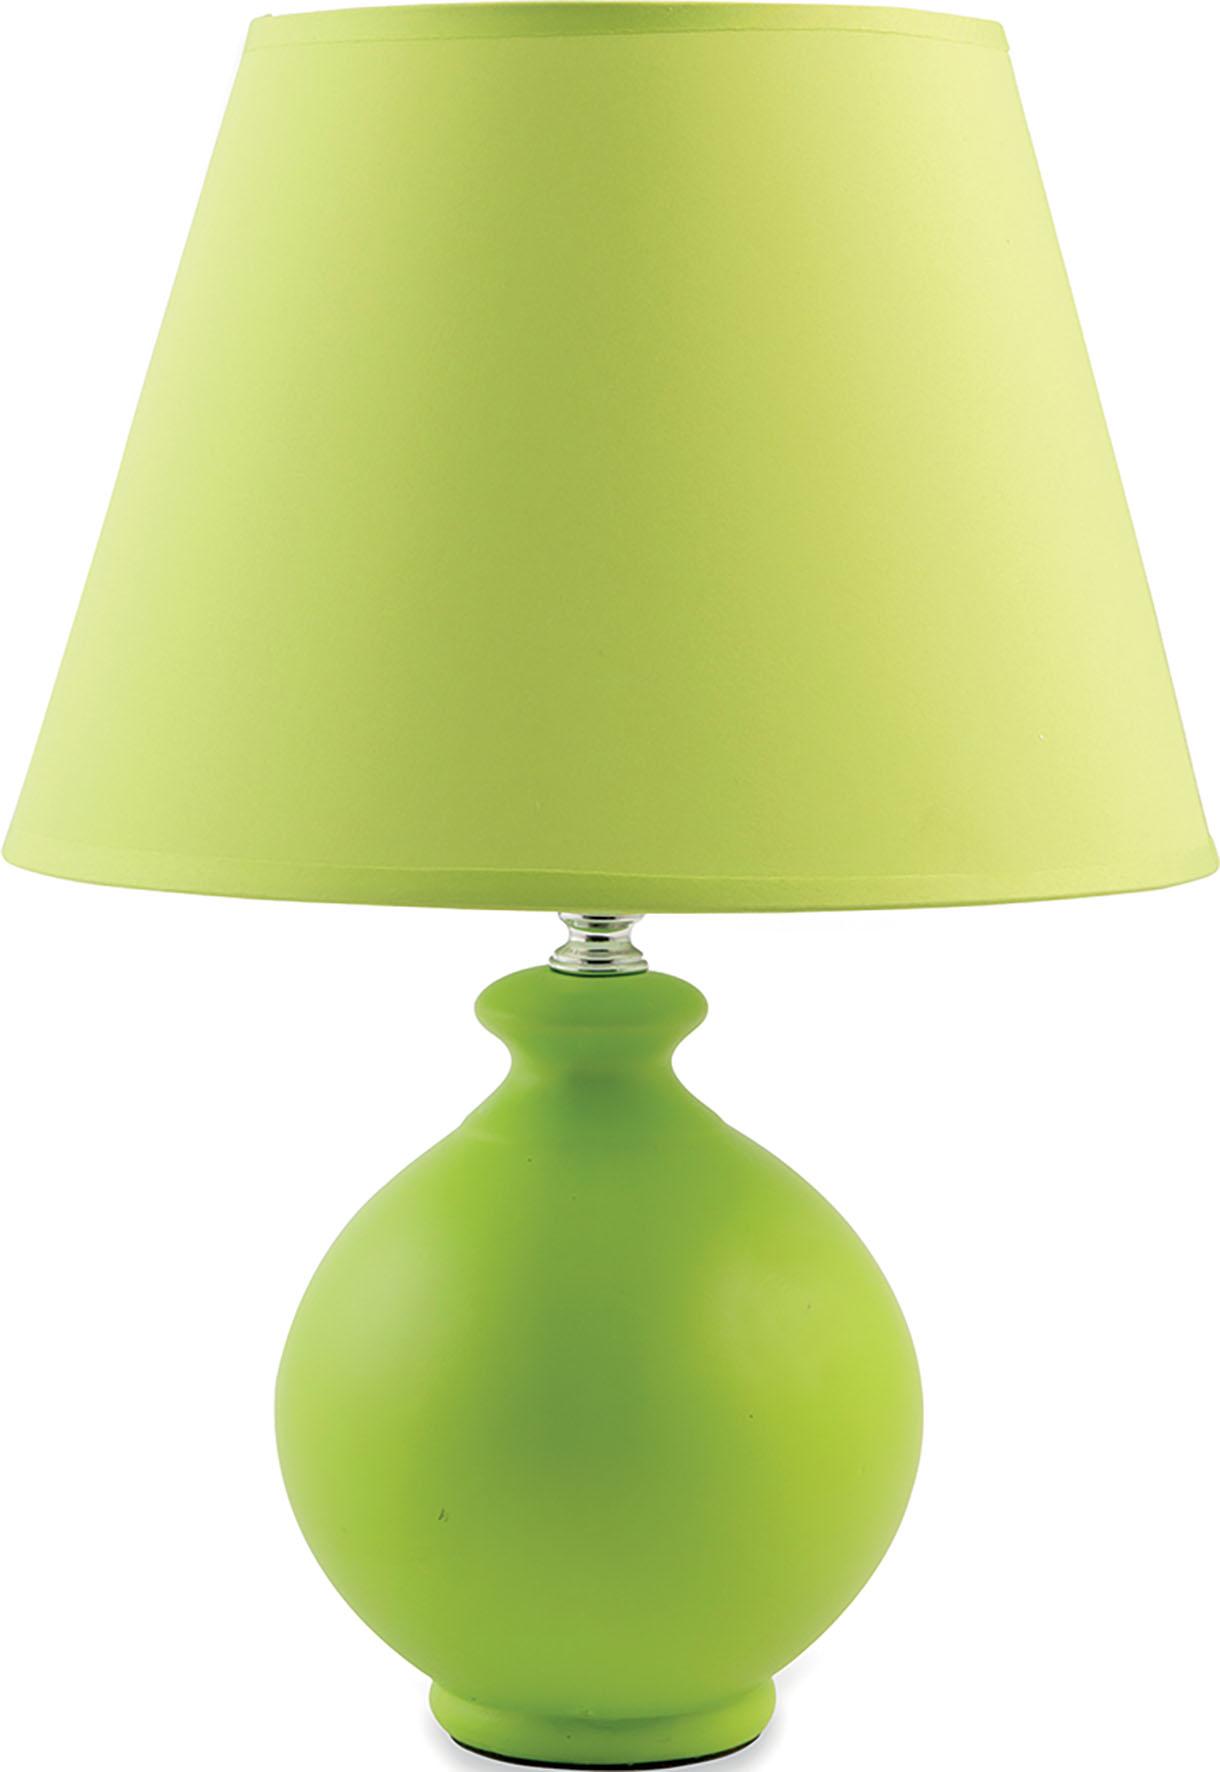 LAMPADA BASE ROTONDA VERDE